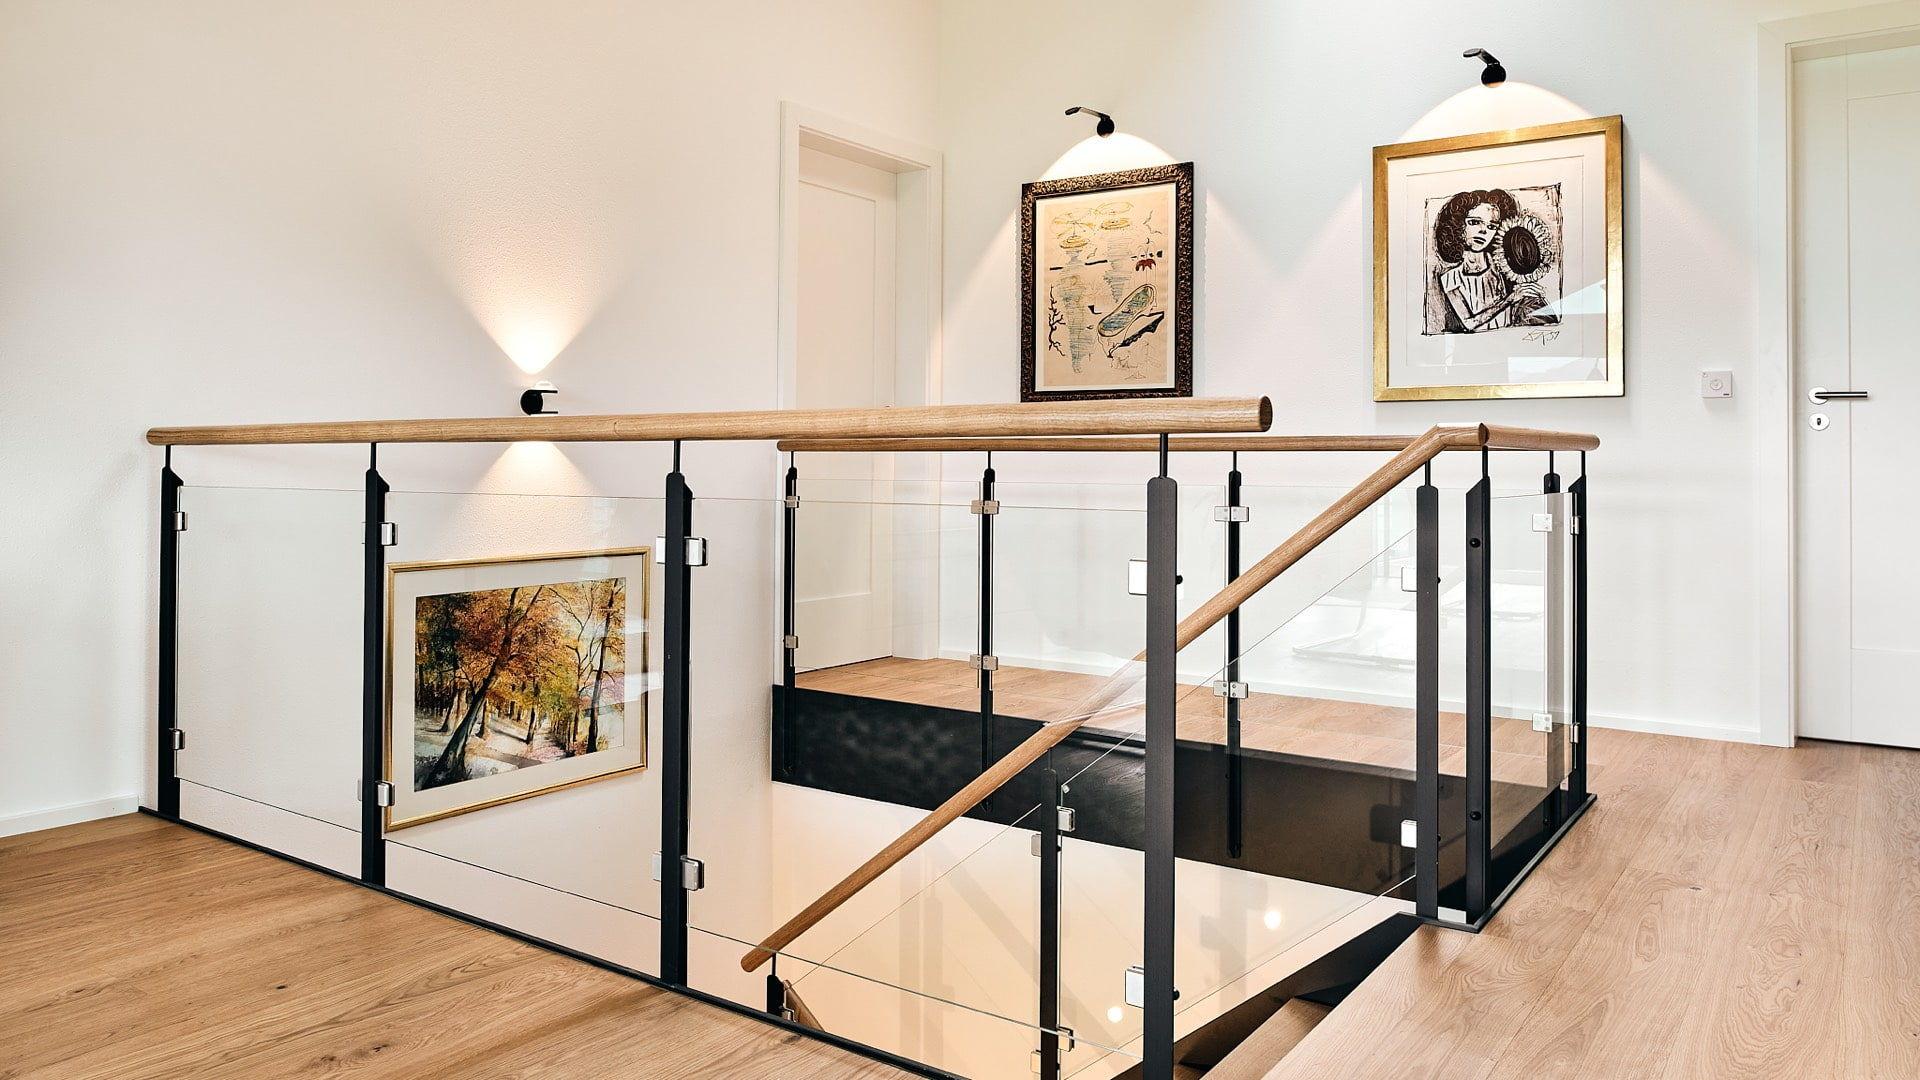 Lichtplanung für Treppenhaus mit Bilder-Beleuchtung